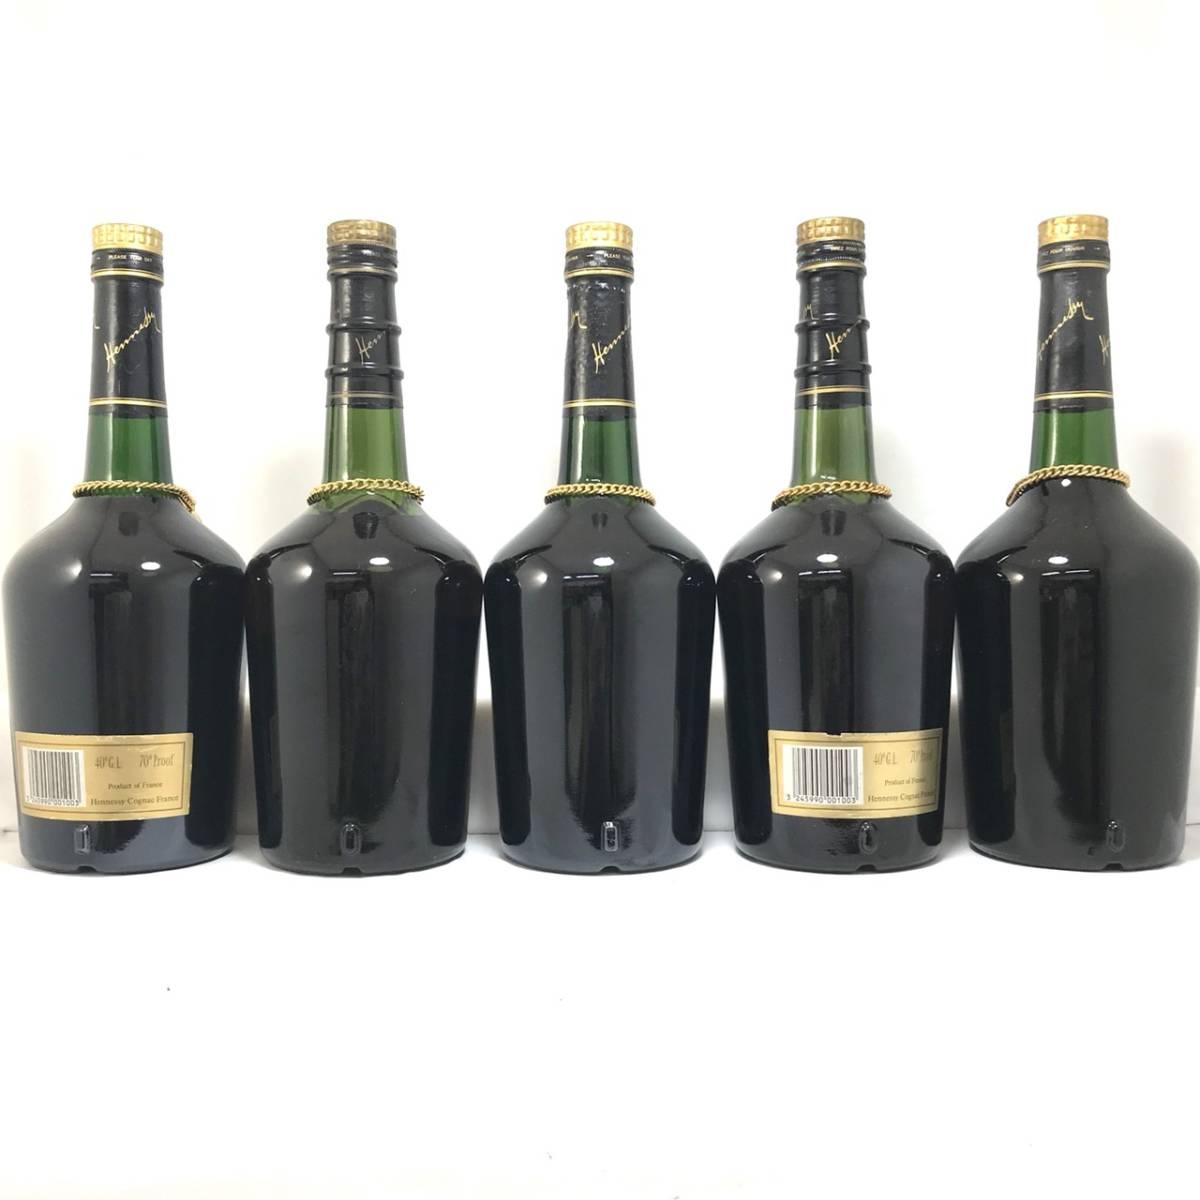 古酒 - Hennessy NAPOLEON BRASD'OR/ヘネシー ナポレオン ブラスドール 16本セット 700ml 40% ブランデー コニャック 未開栓_画像6